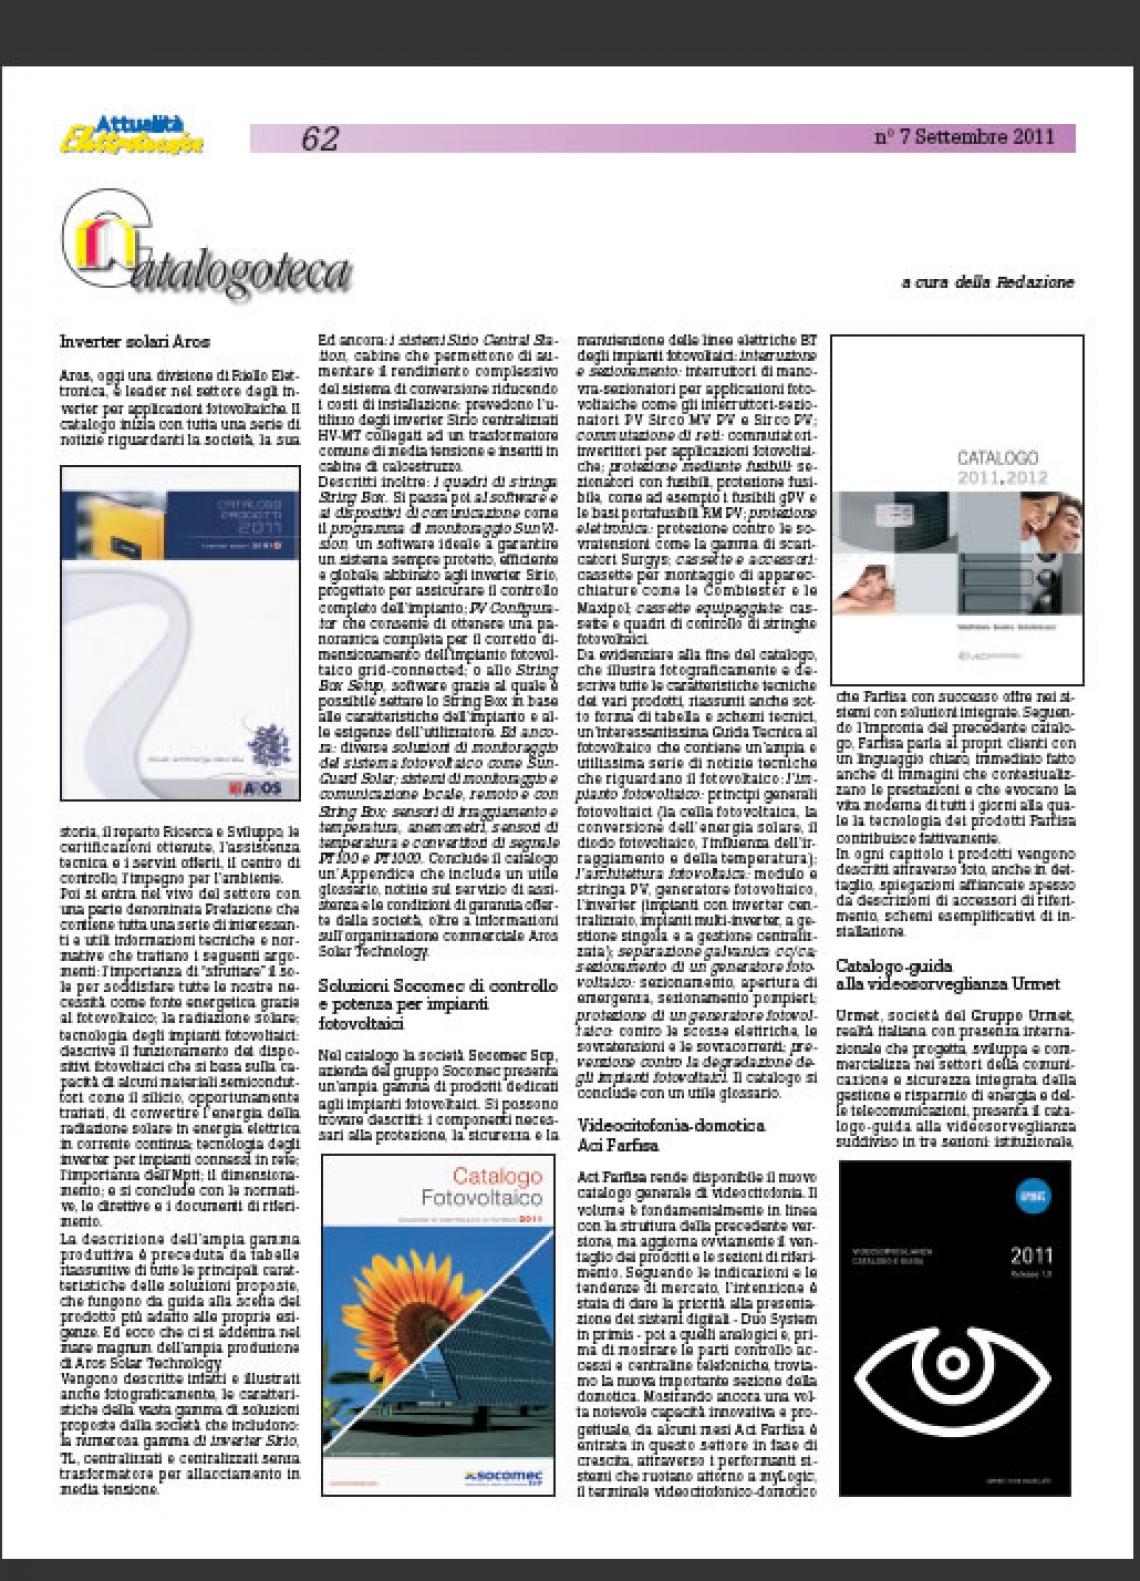 Nuovo catalogo generale Videocitofonia 2011